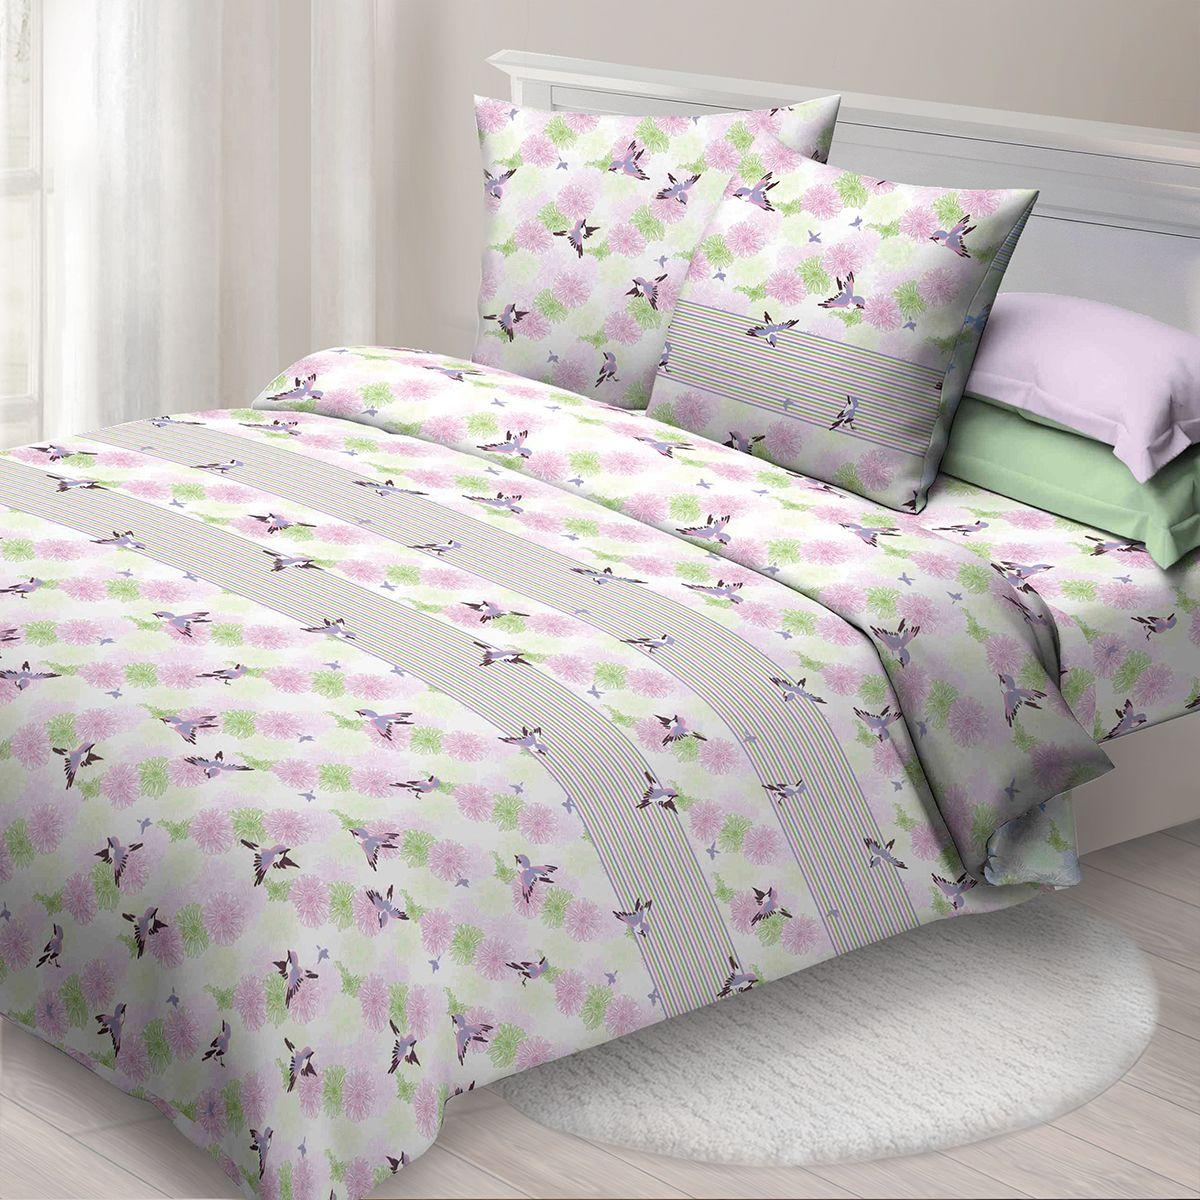 Комплект белья Спал Спалыч Ариана, семейный, наволочки 70x70, цвет: розовый. 4085-184206